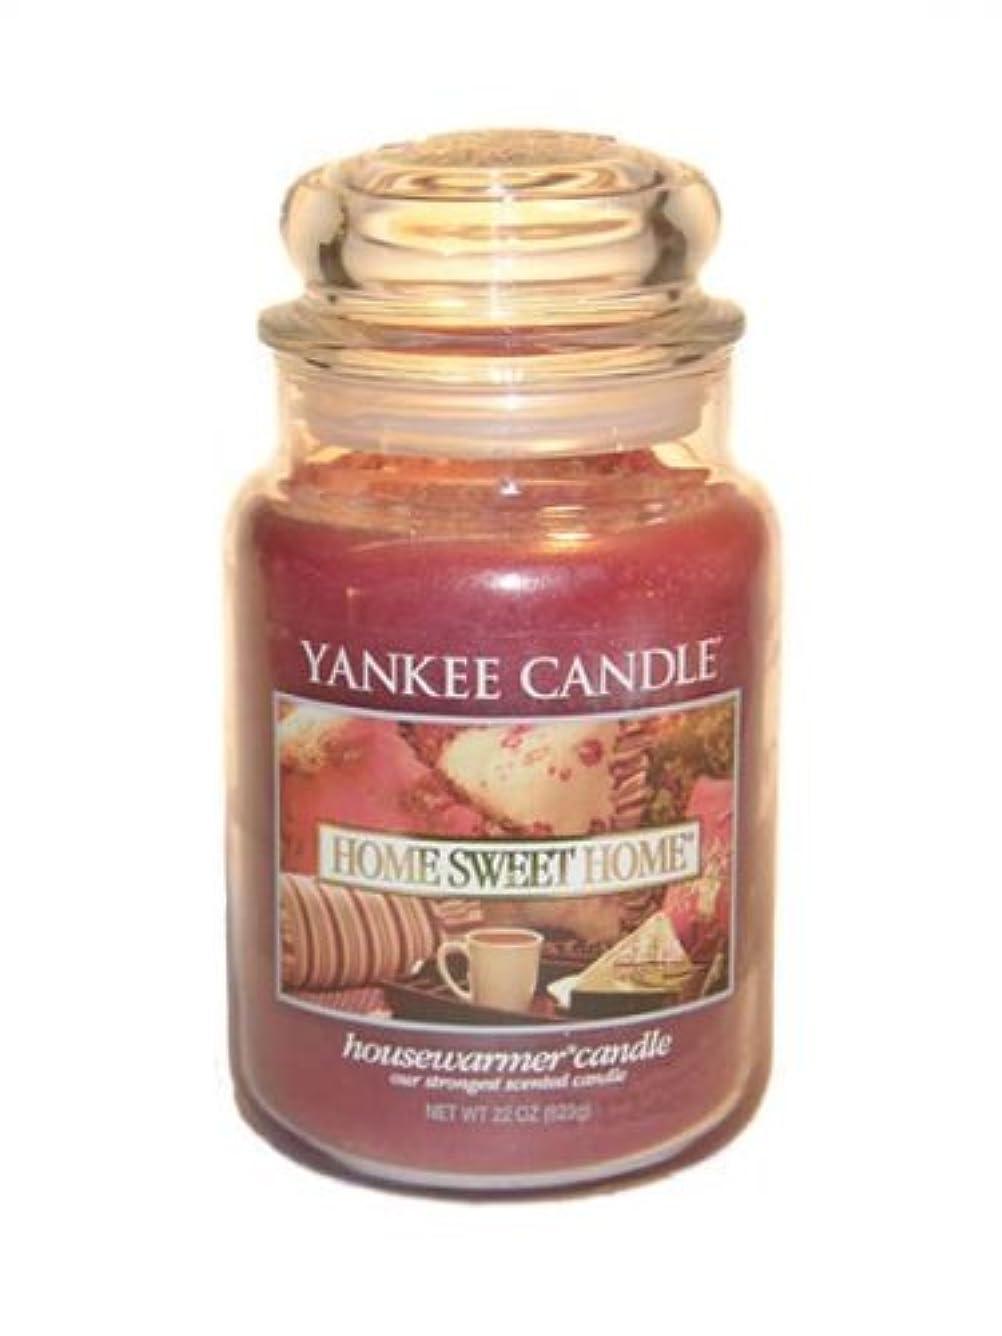 バイオリニスト散るシングルYankee Candle Home Sweet Home Large Jar 22oz Candle by Amazon source [並行輸入品]